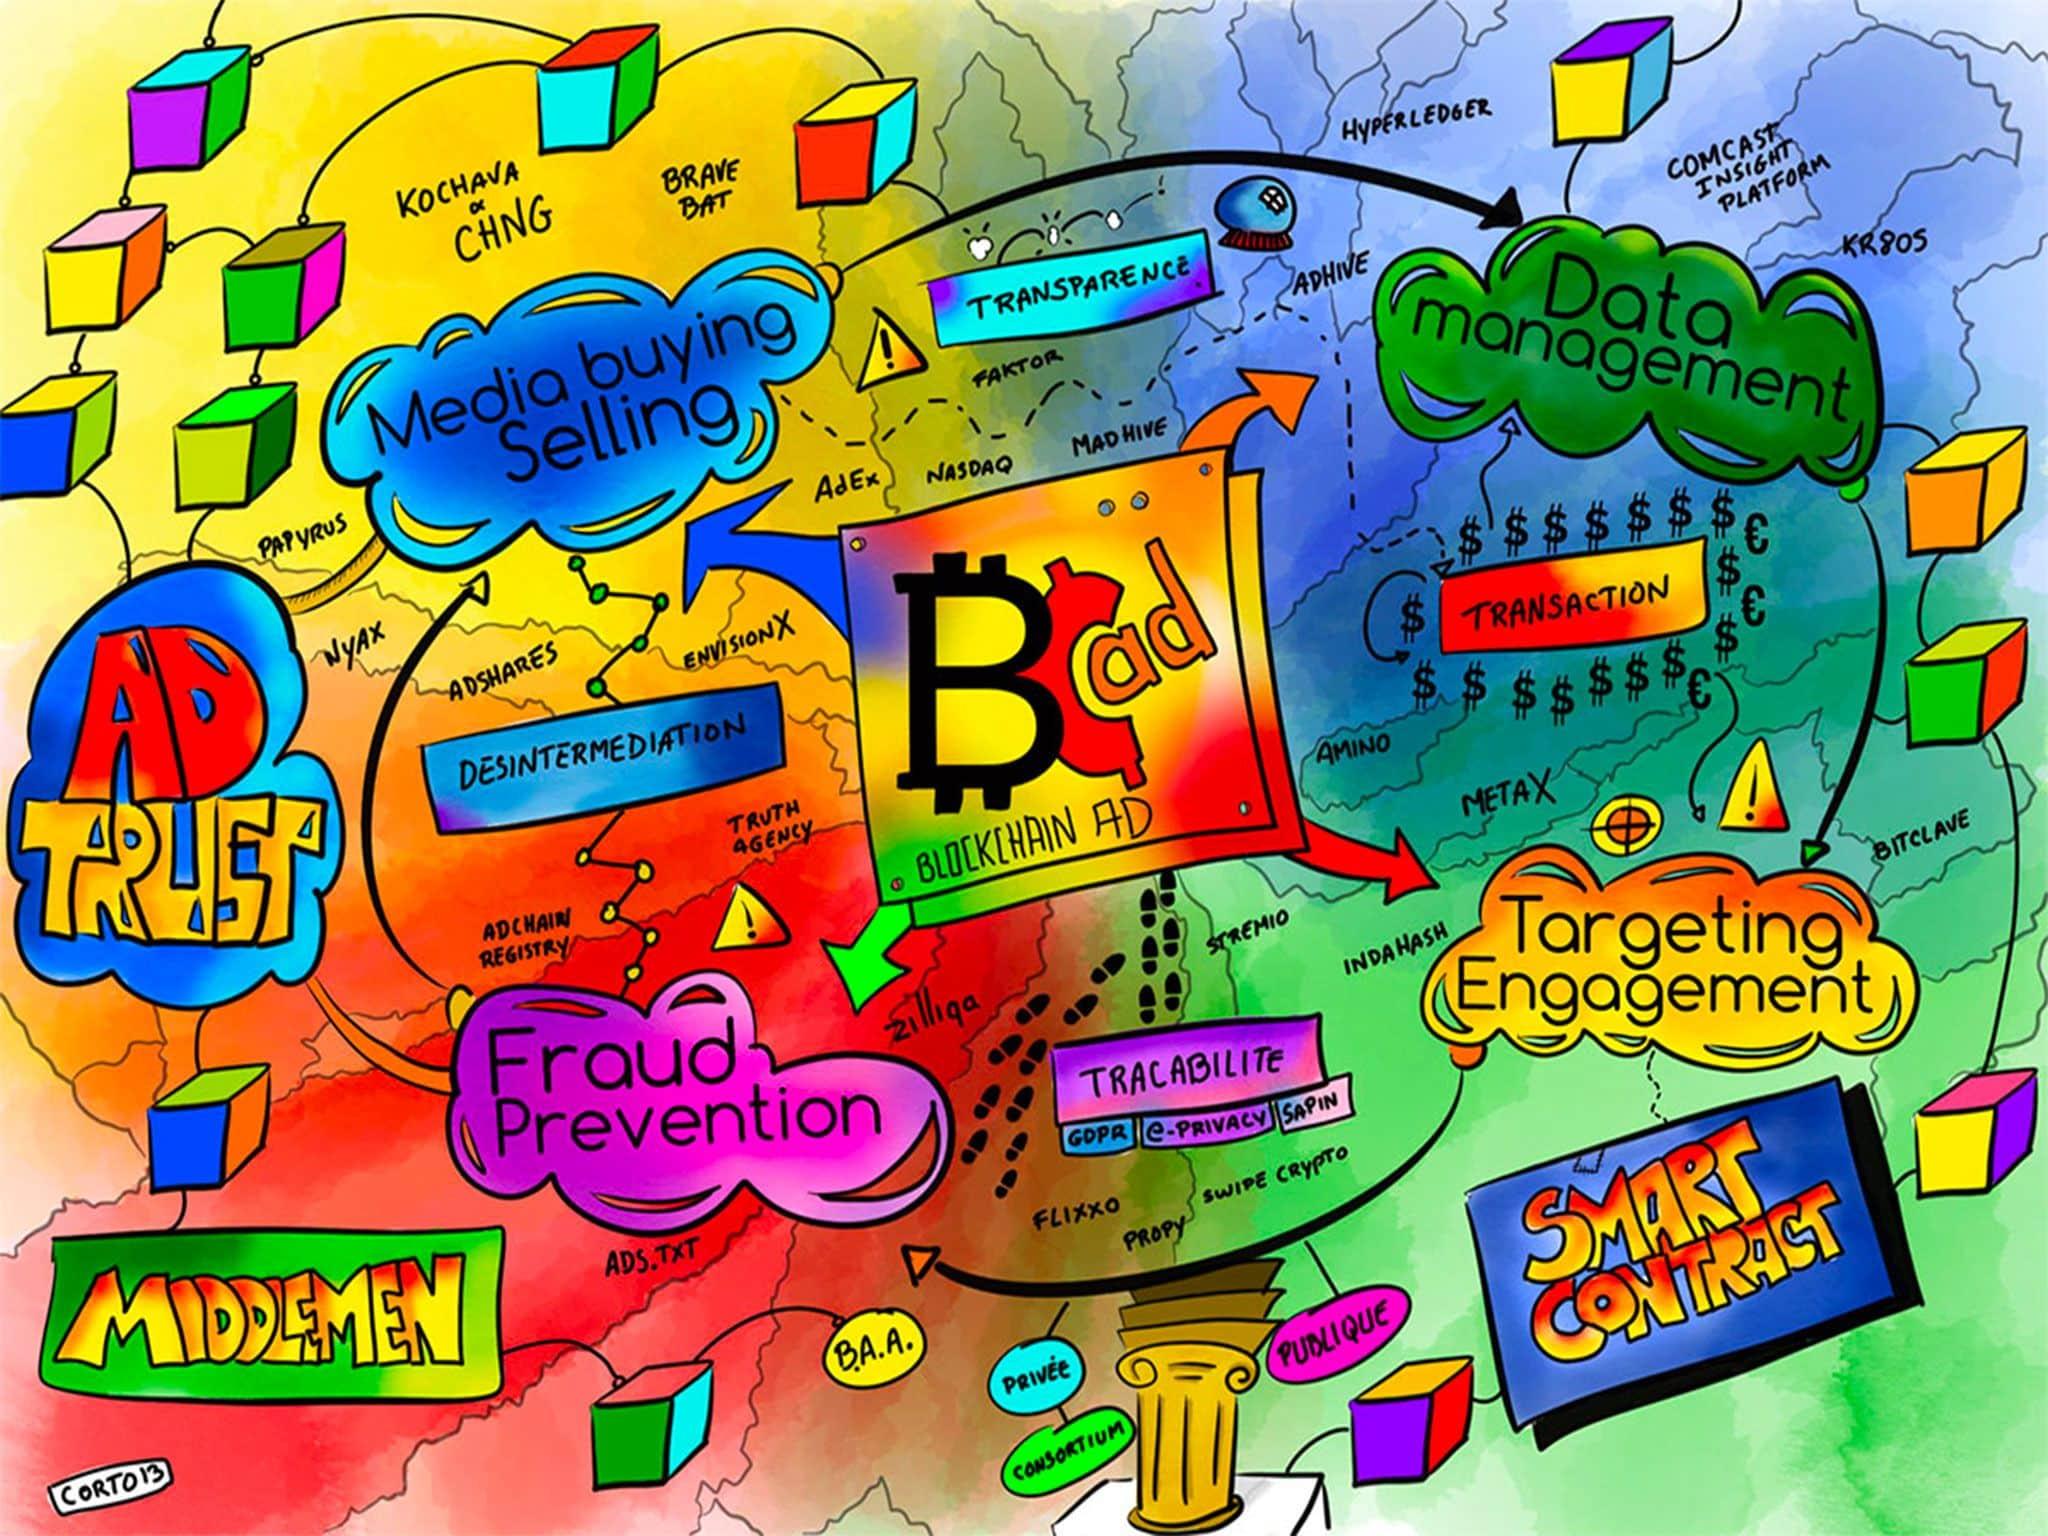 Sketchnote-Blockchain Ads